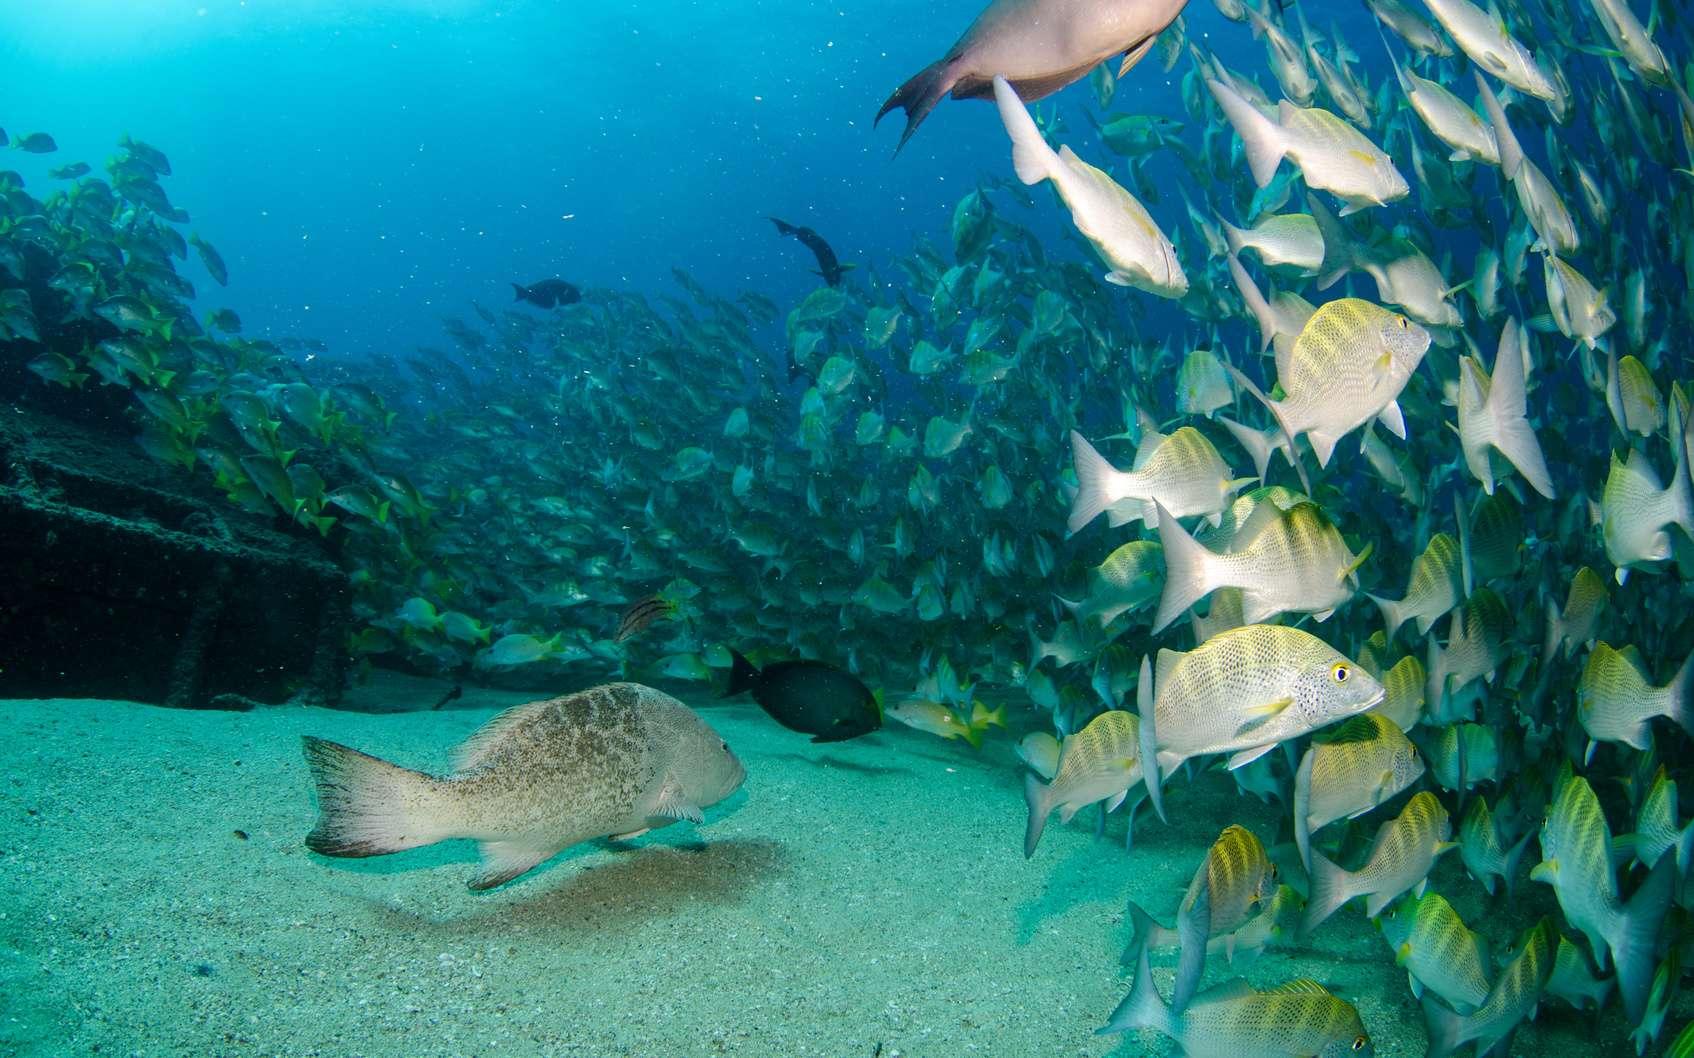 L'océanologue est un expert des fonds marins, qui cherche à approfondir les connaissances déjà existantes en matière de protection de l'environnement ou d'exploitation de ressources marines. © leonardogonzalez, Fotolia.